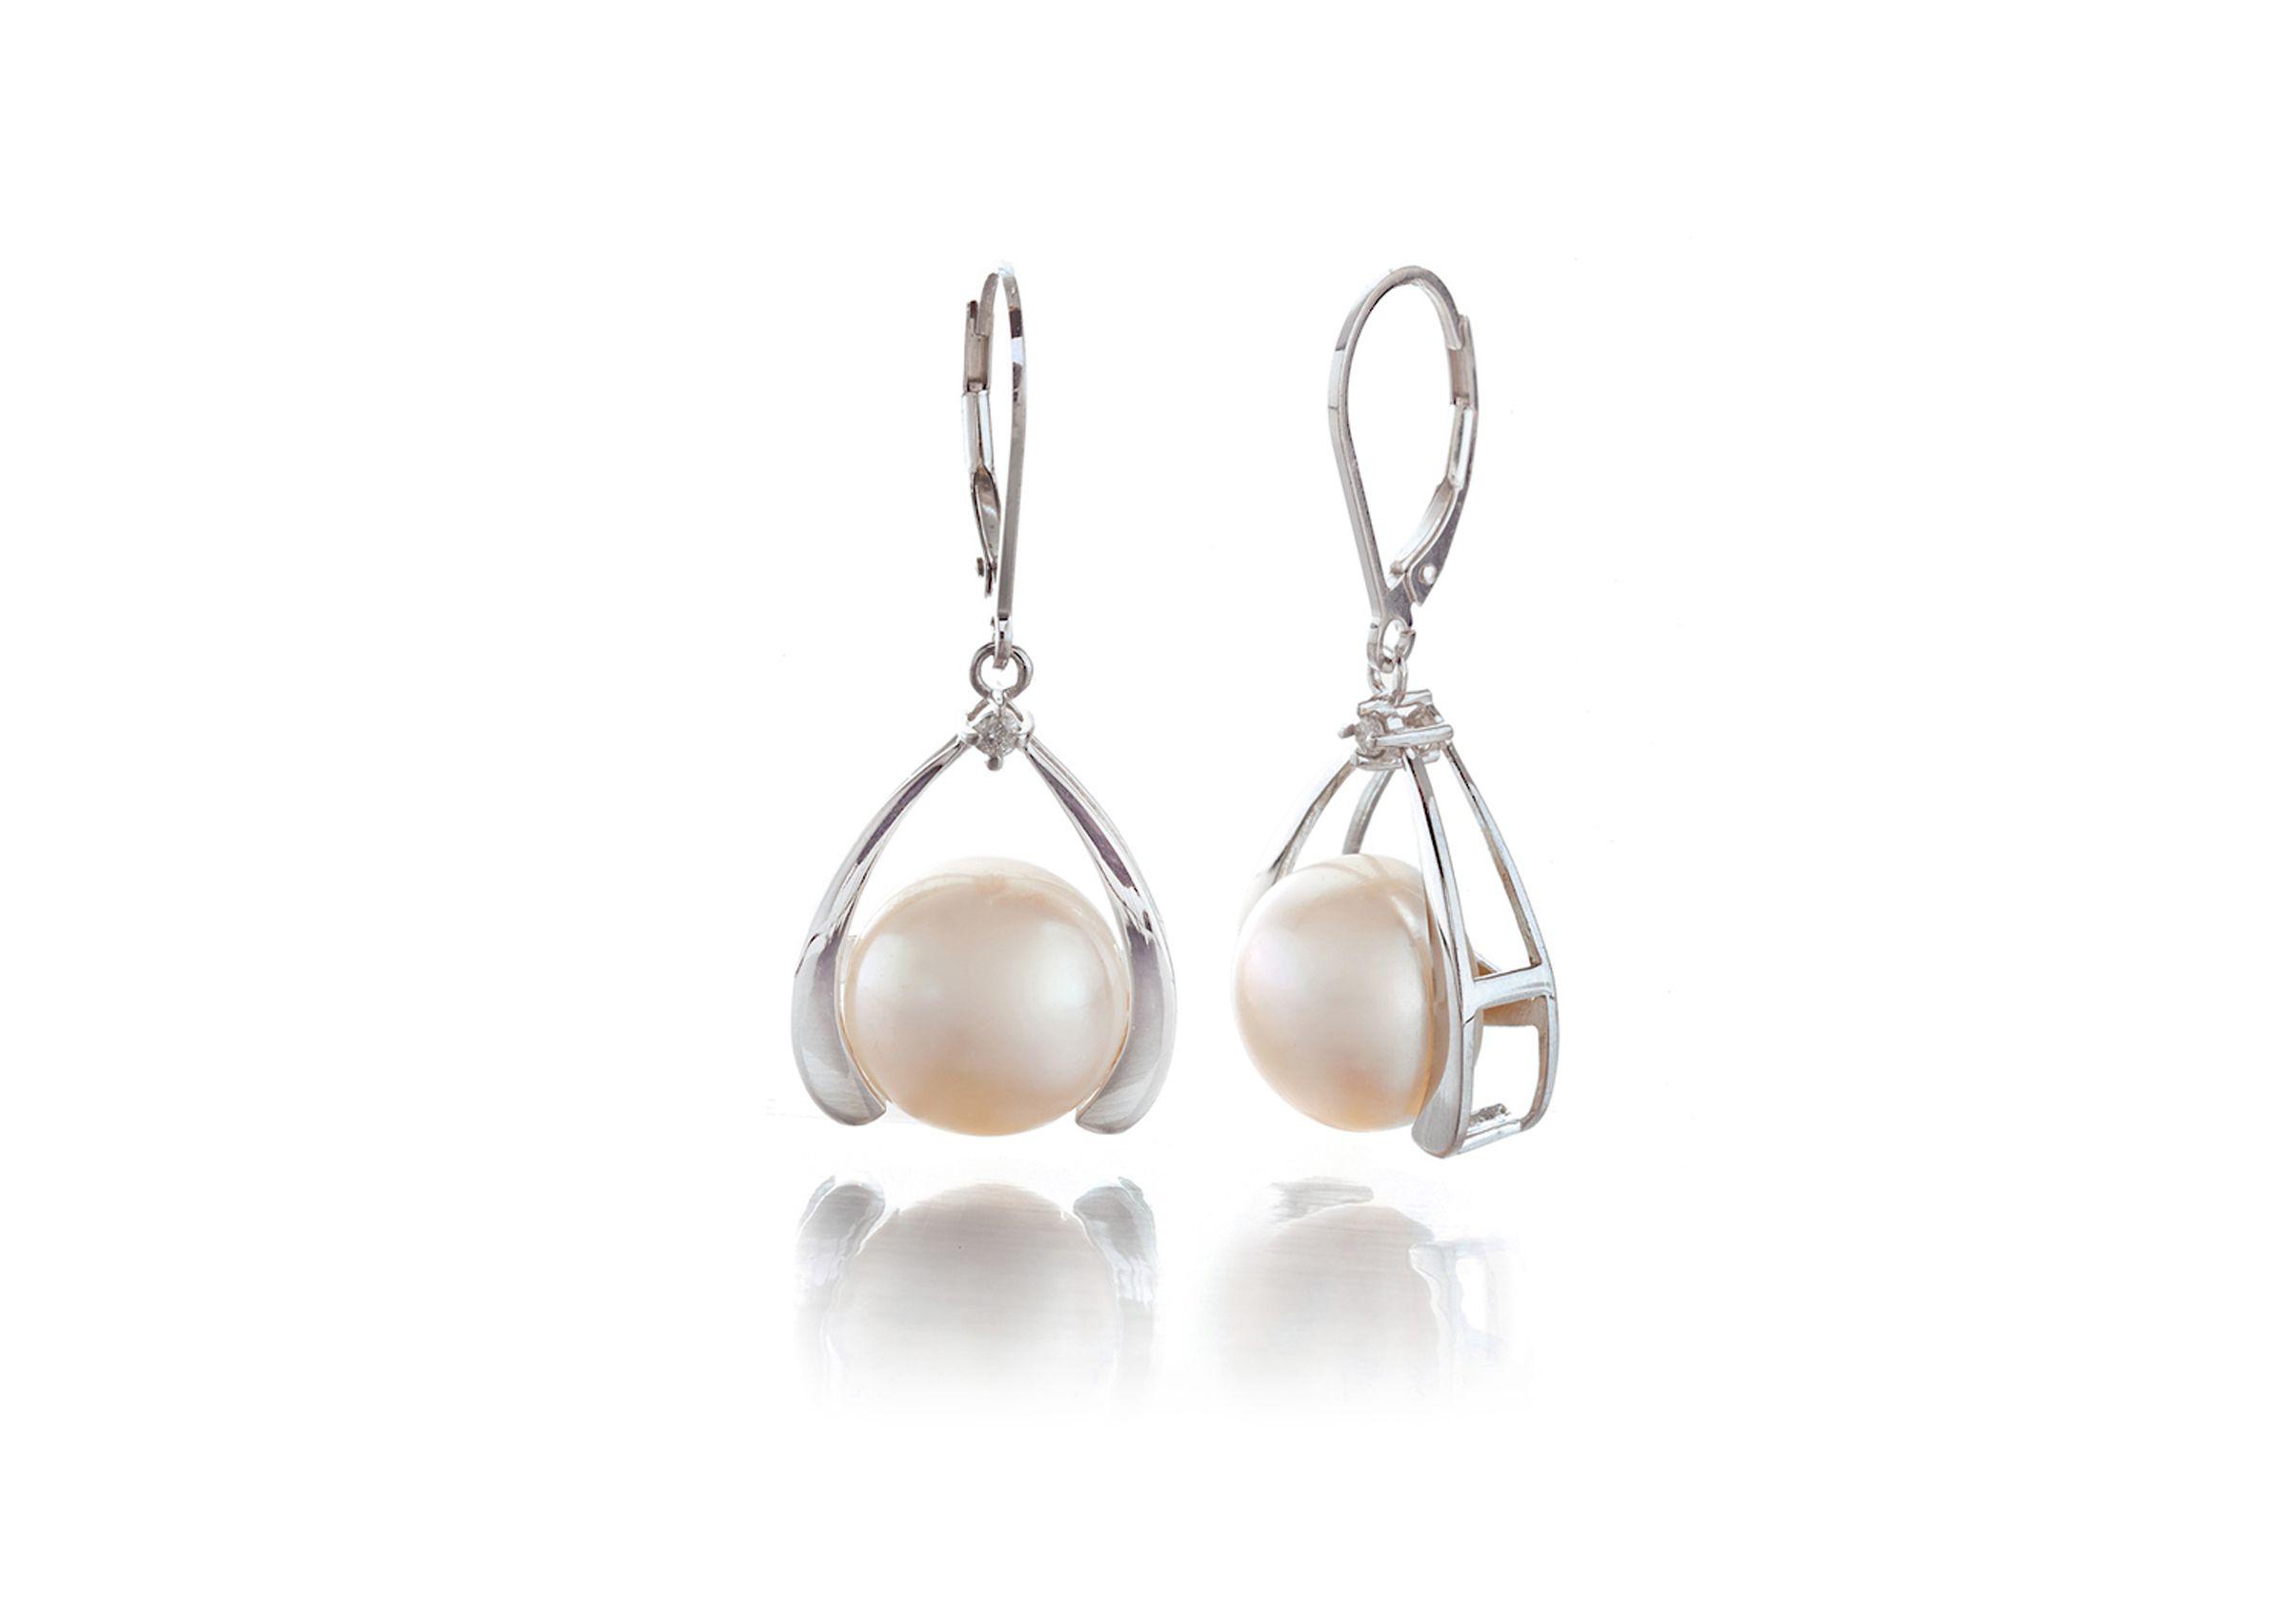 pearl-earrings-jewelry.jpg